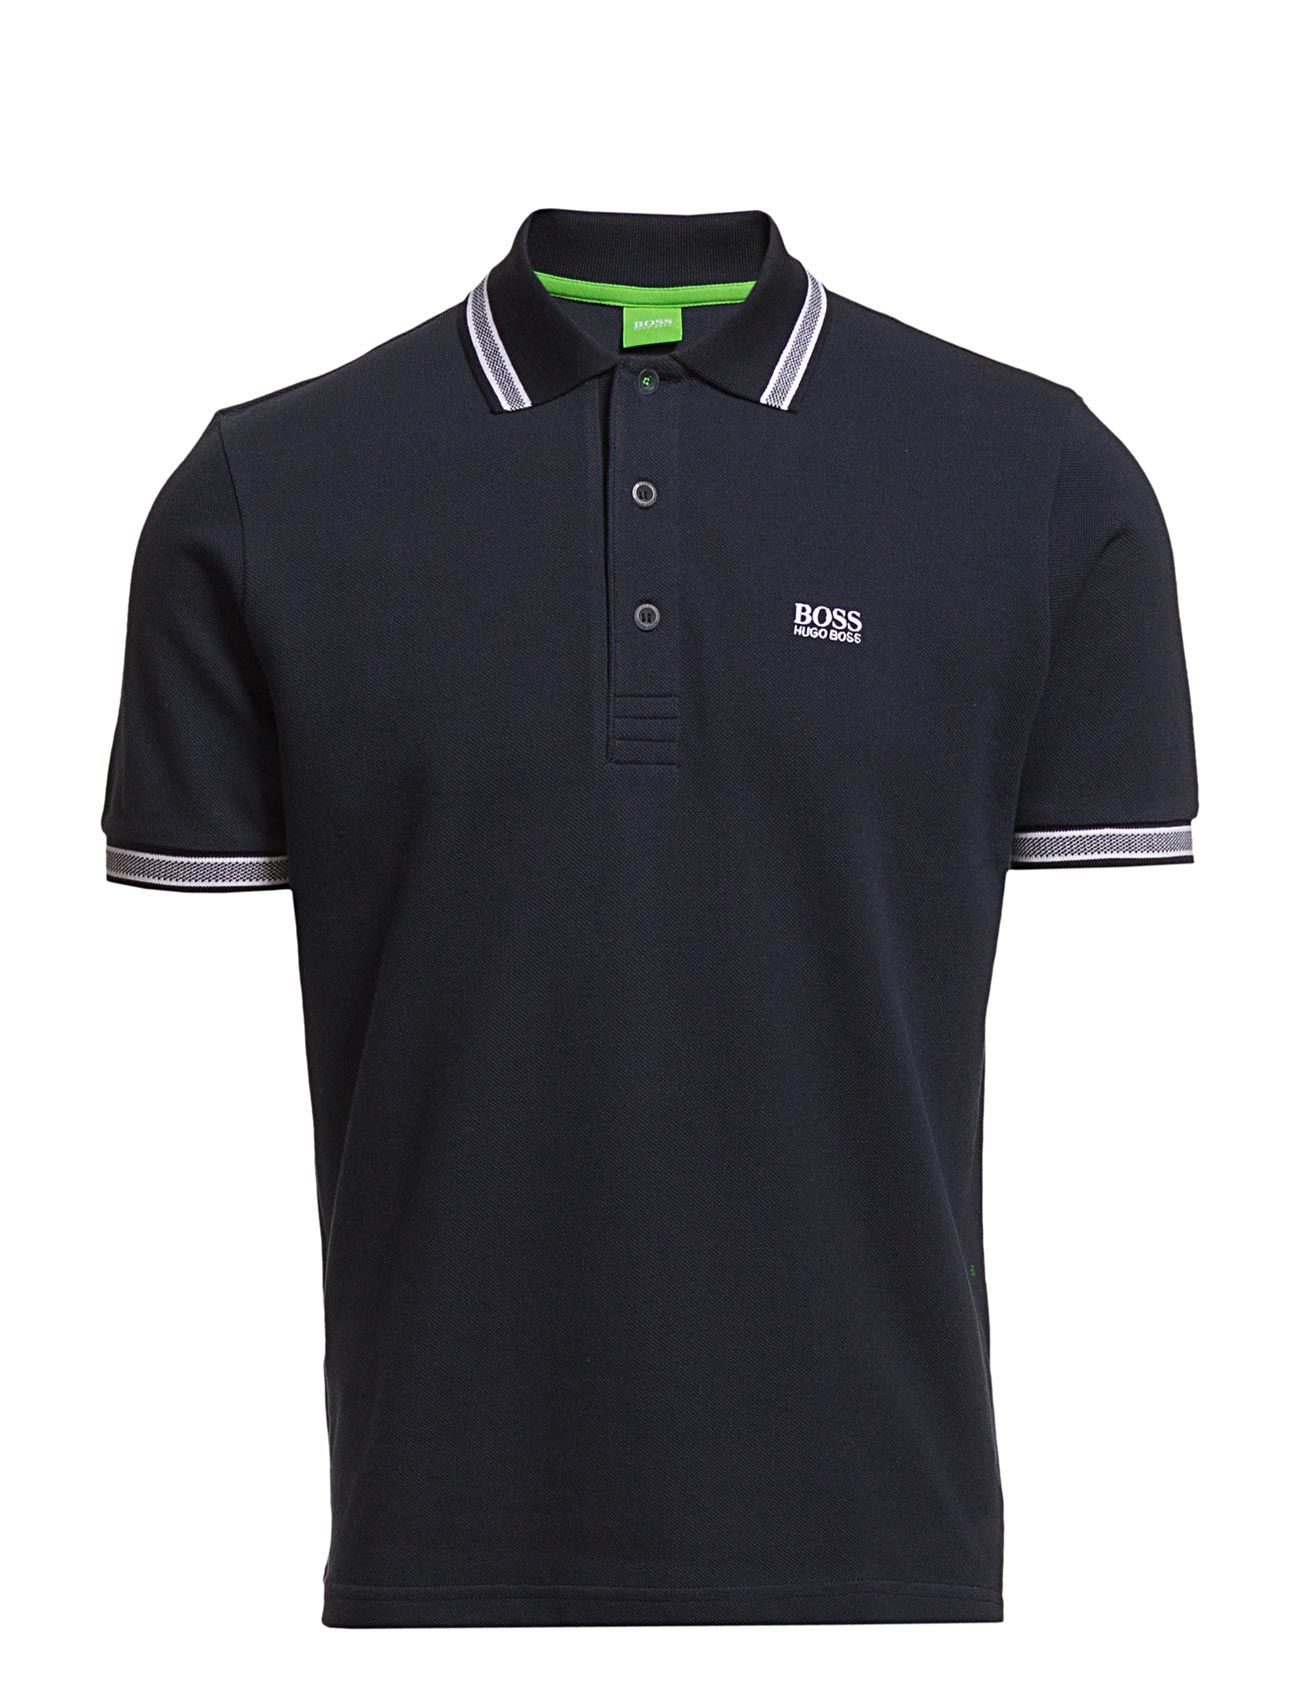 Paddy BOSS GREEN Kortærmede polo t-shirts til Mænd i Navy blå